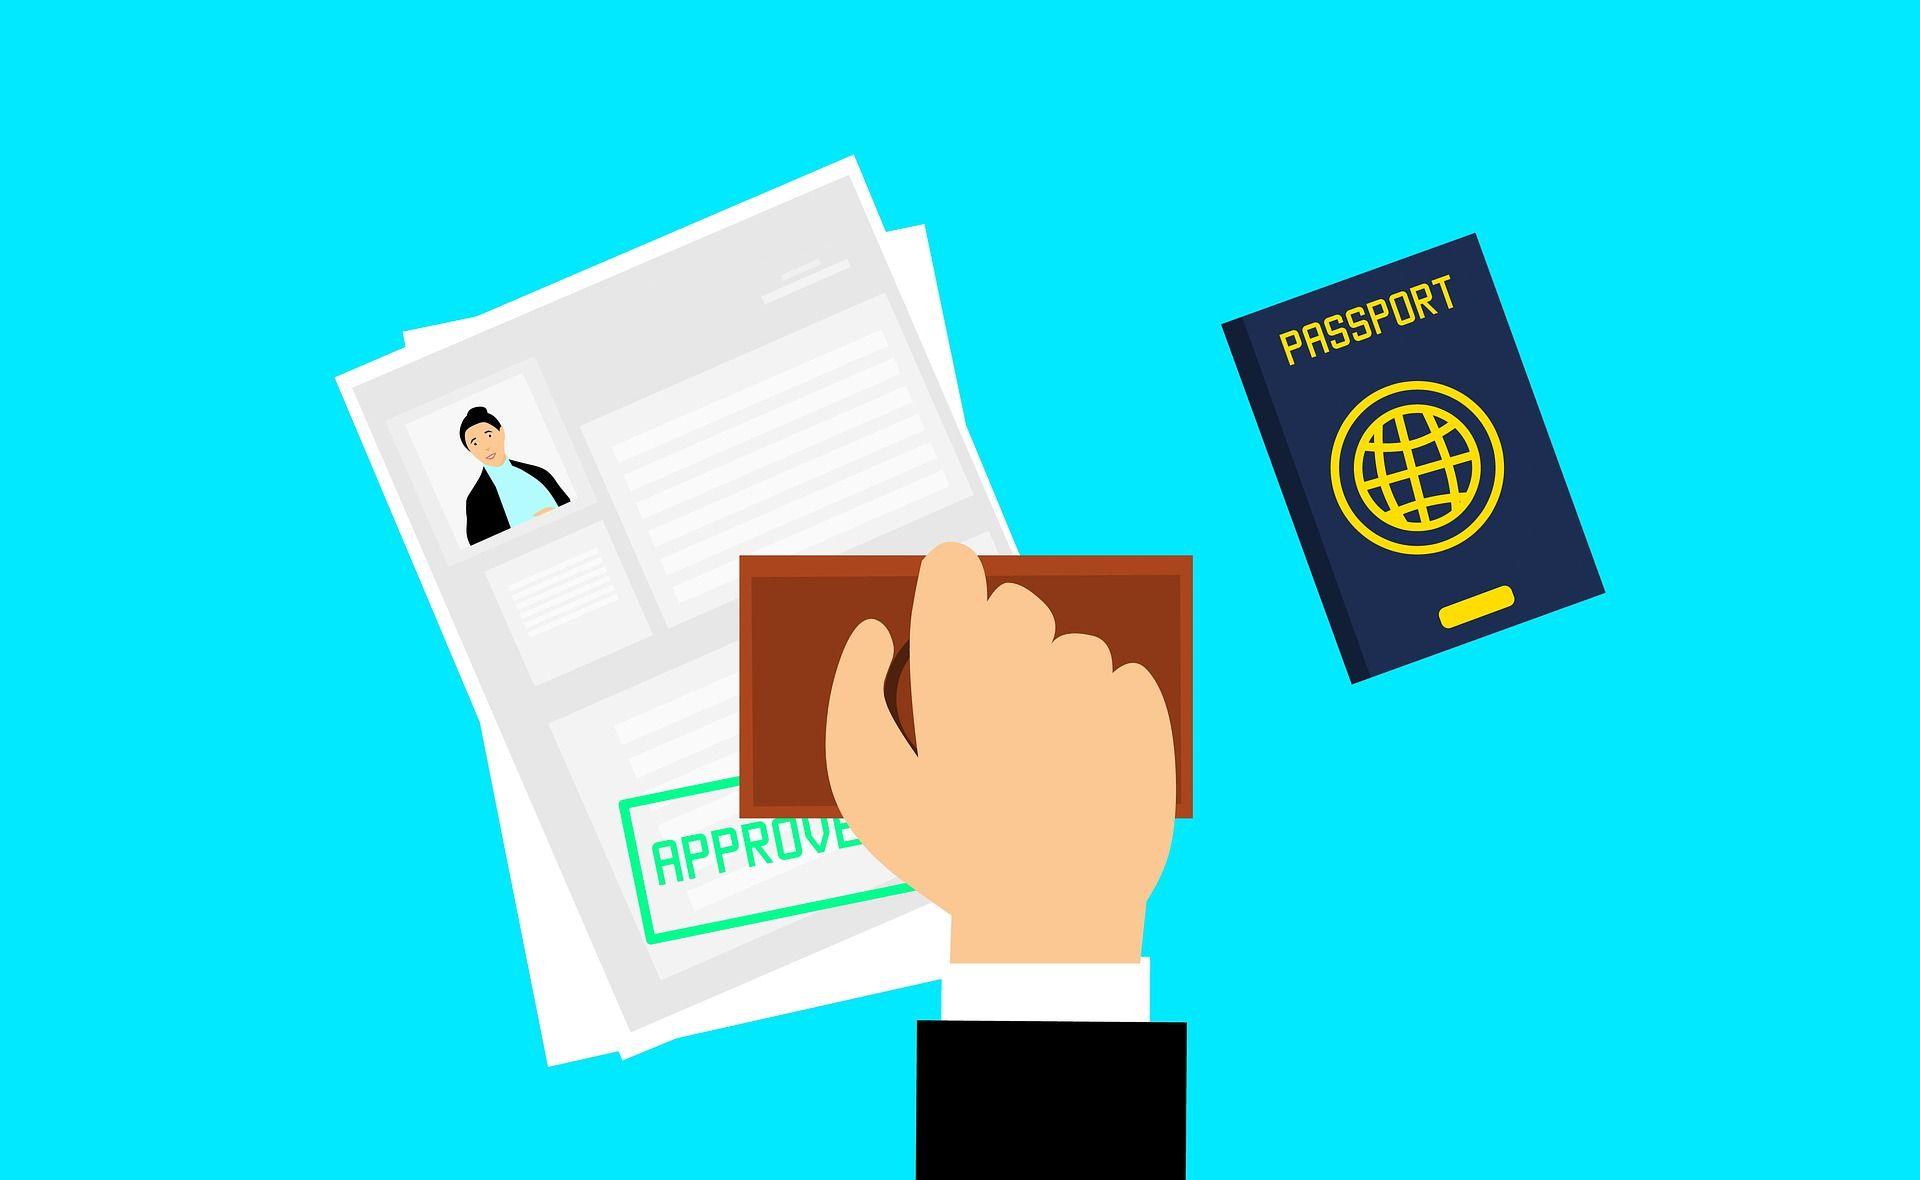 visto aprovado em passaporte